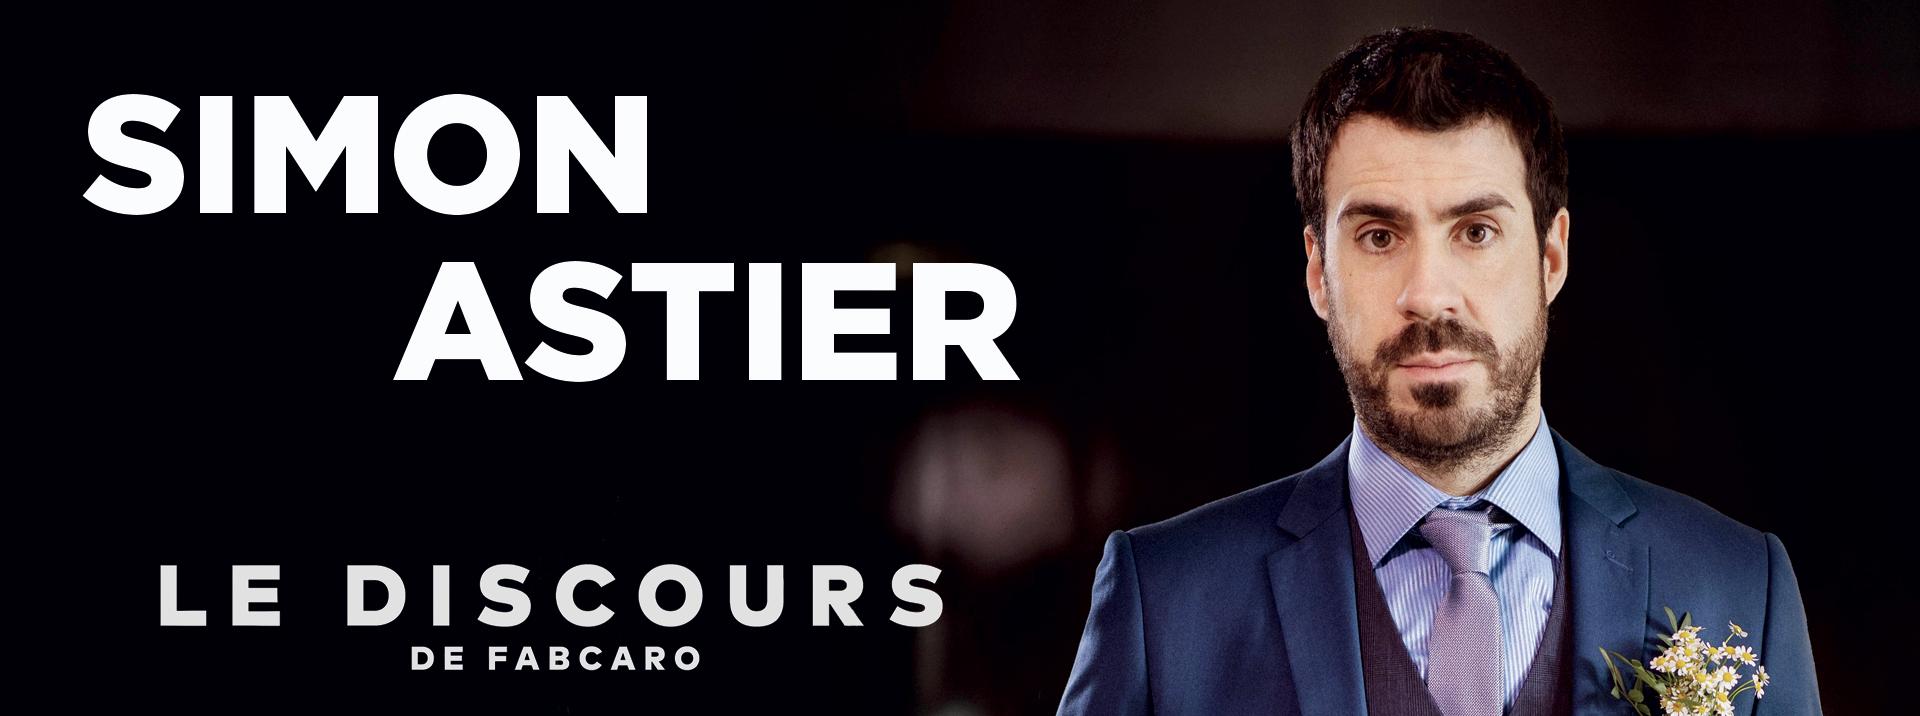 Simon Astier en spectacle à Nantes avec le discours de fabcaro